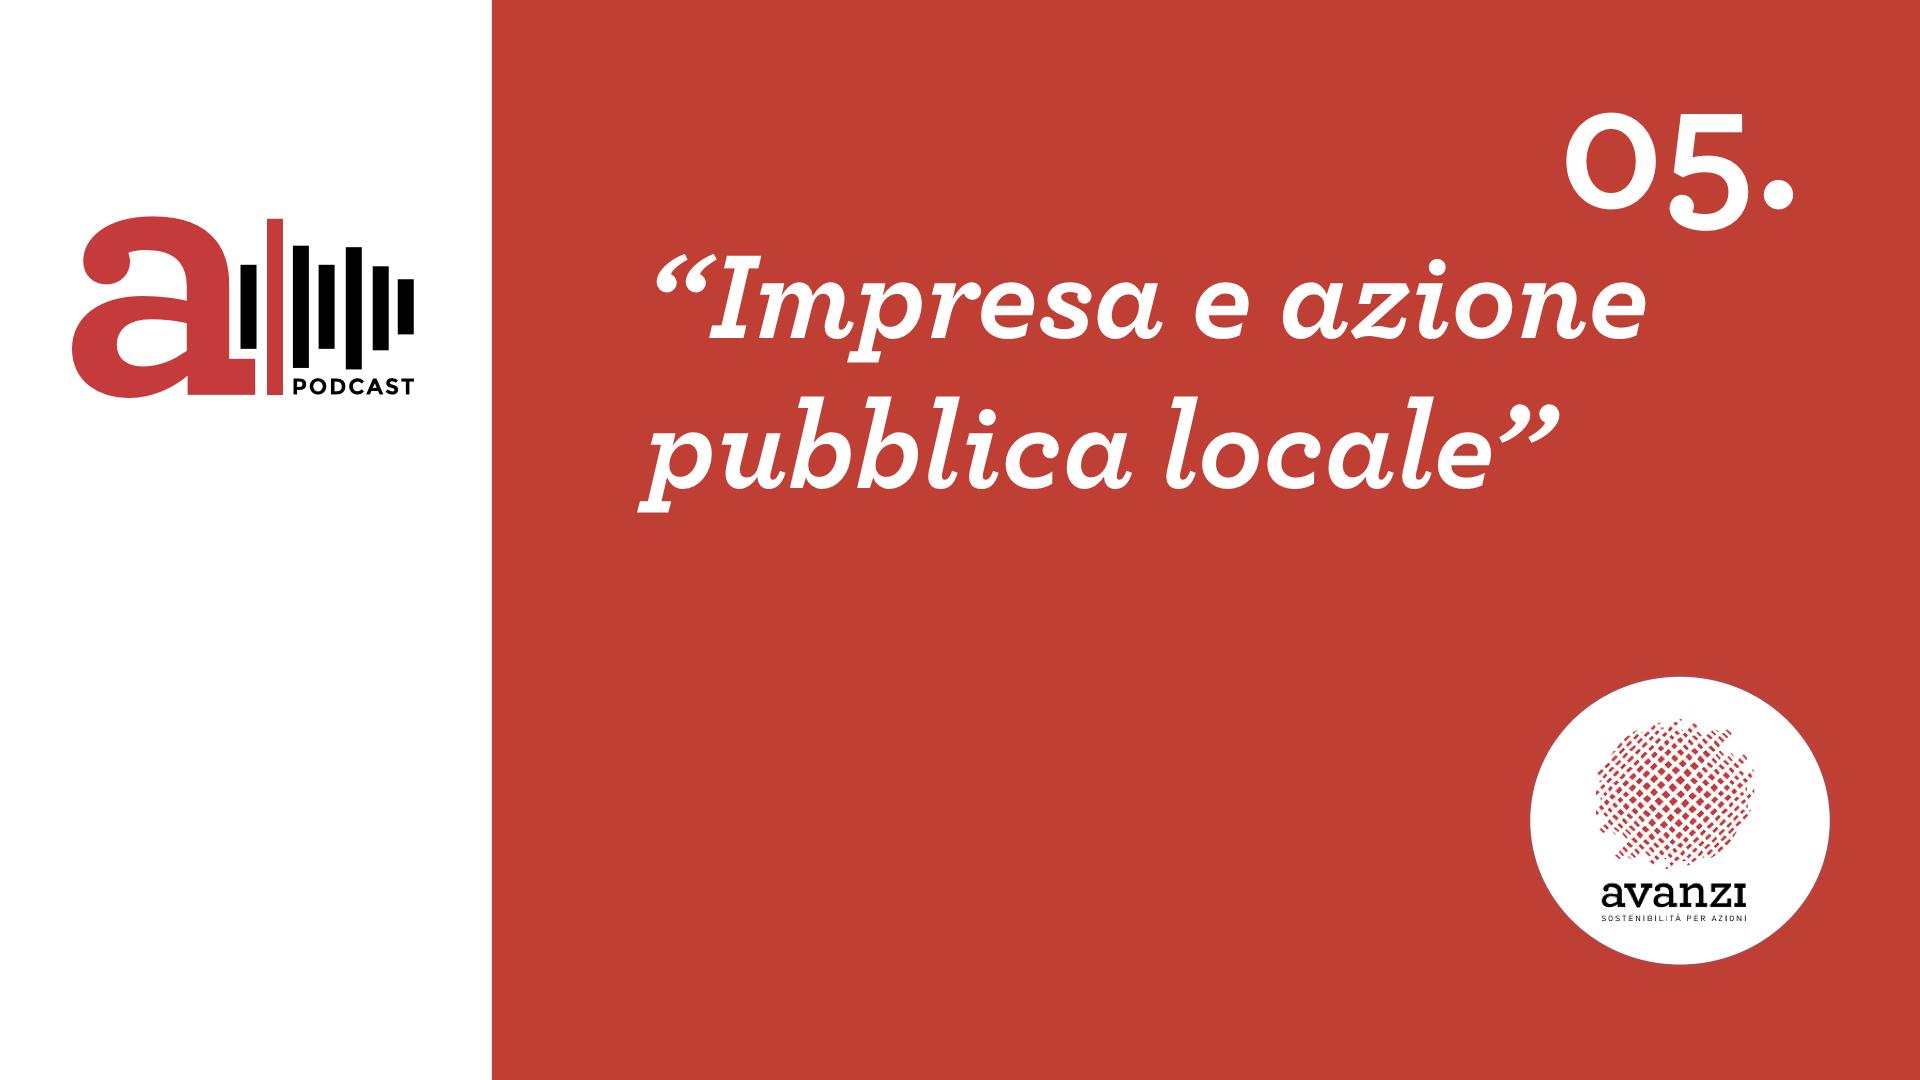 Impresa e azione pubblica locale